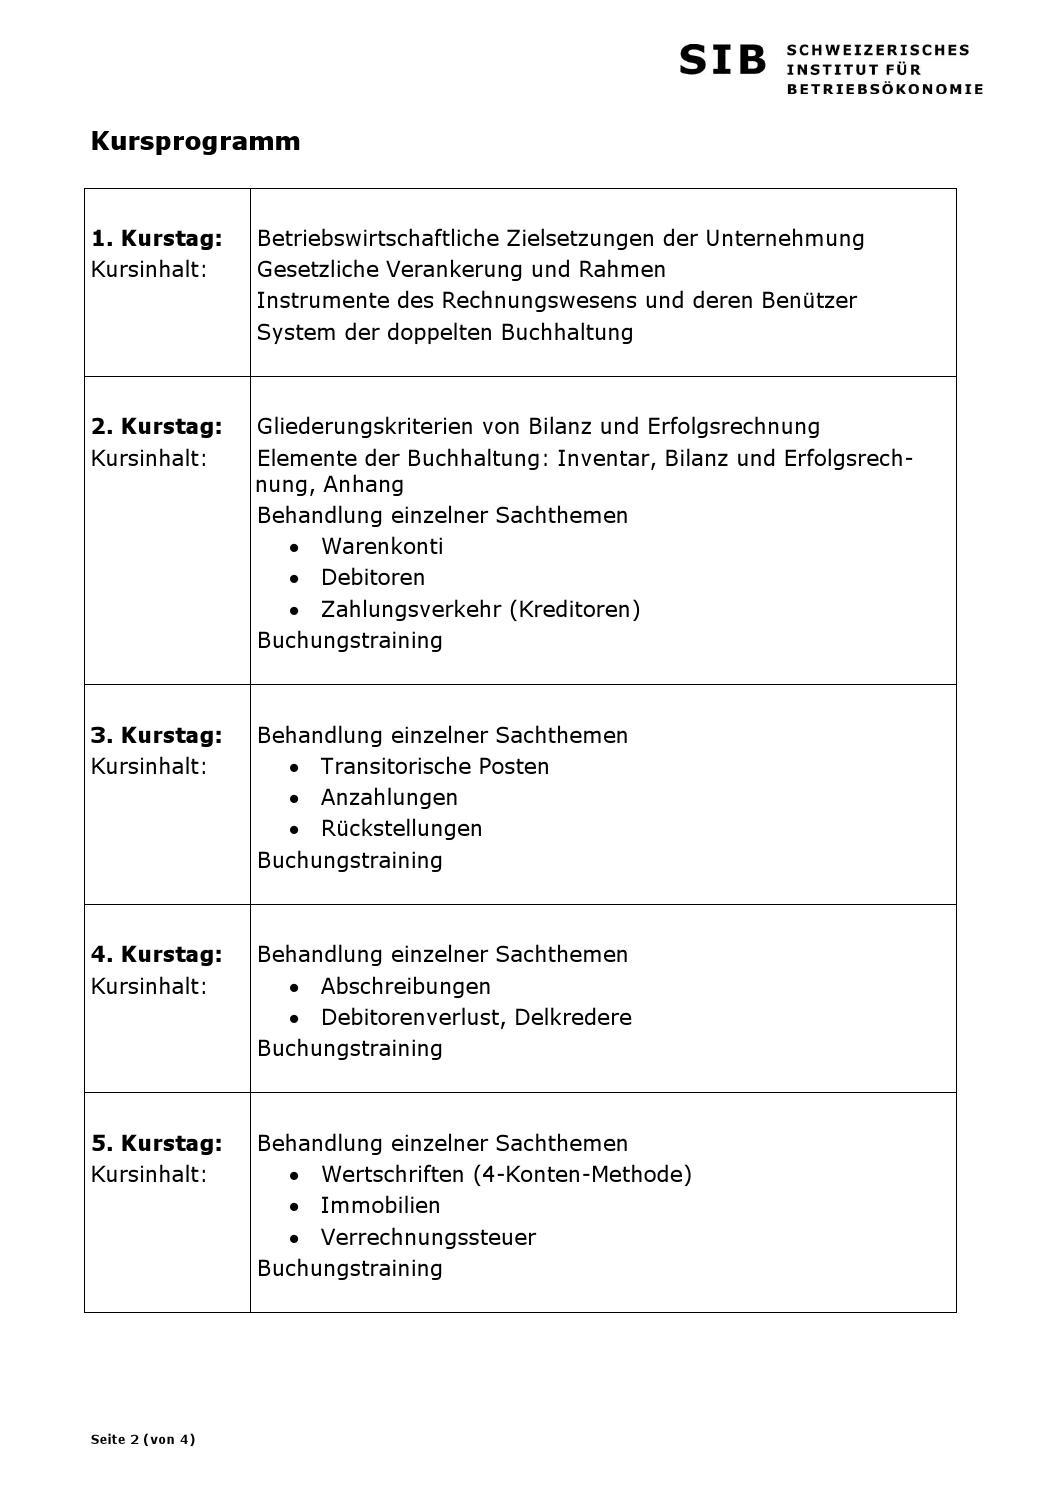 Unique Arbeitsblatt Für Die Buchhaltung Pictures - Kindergarten ...